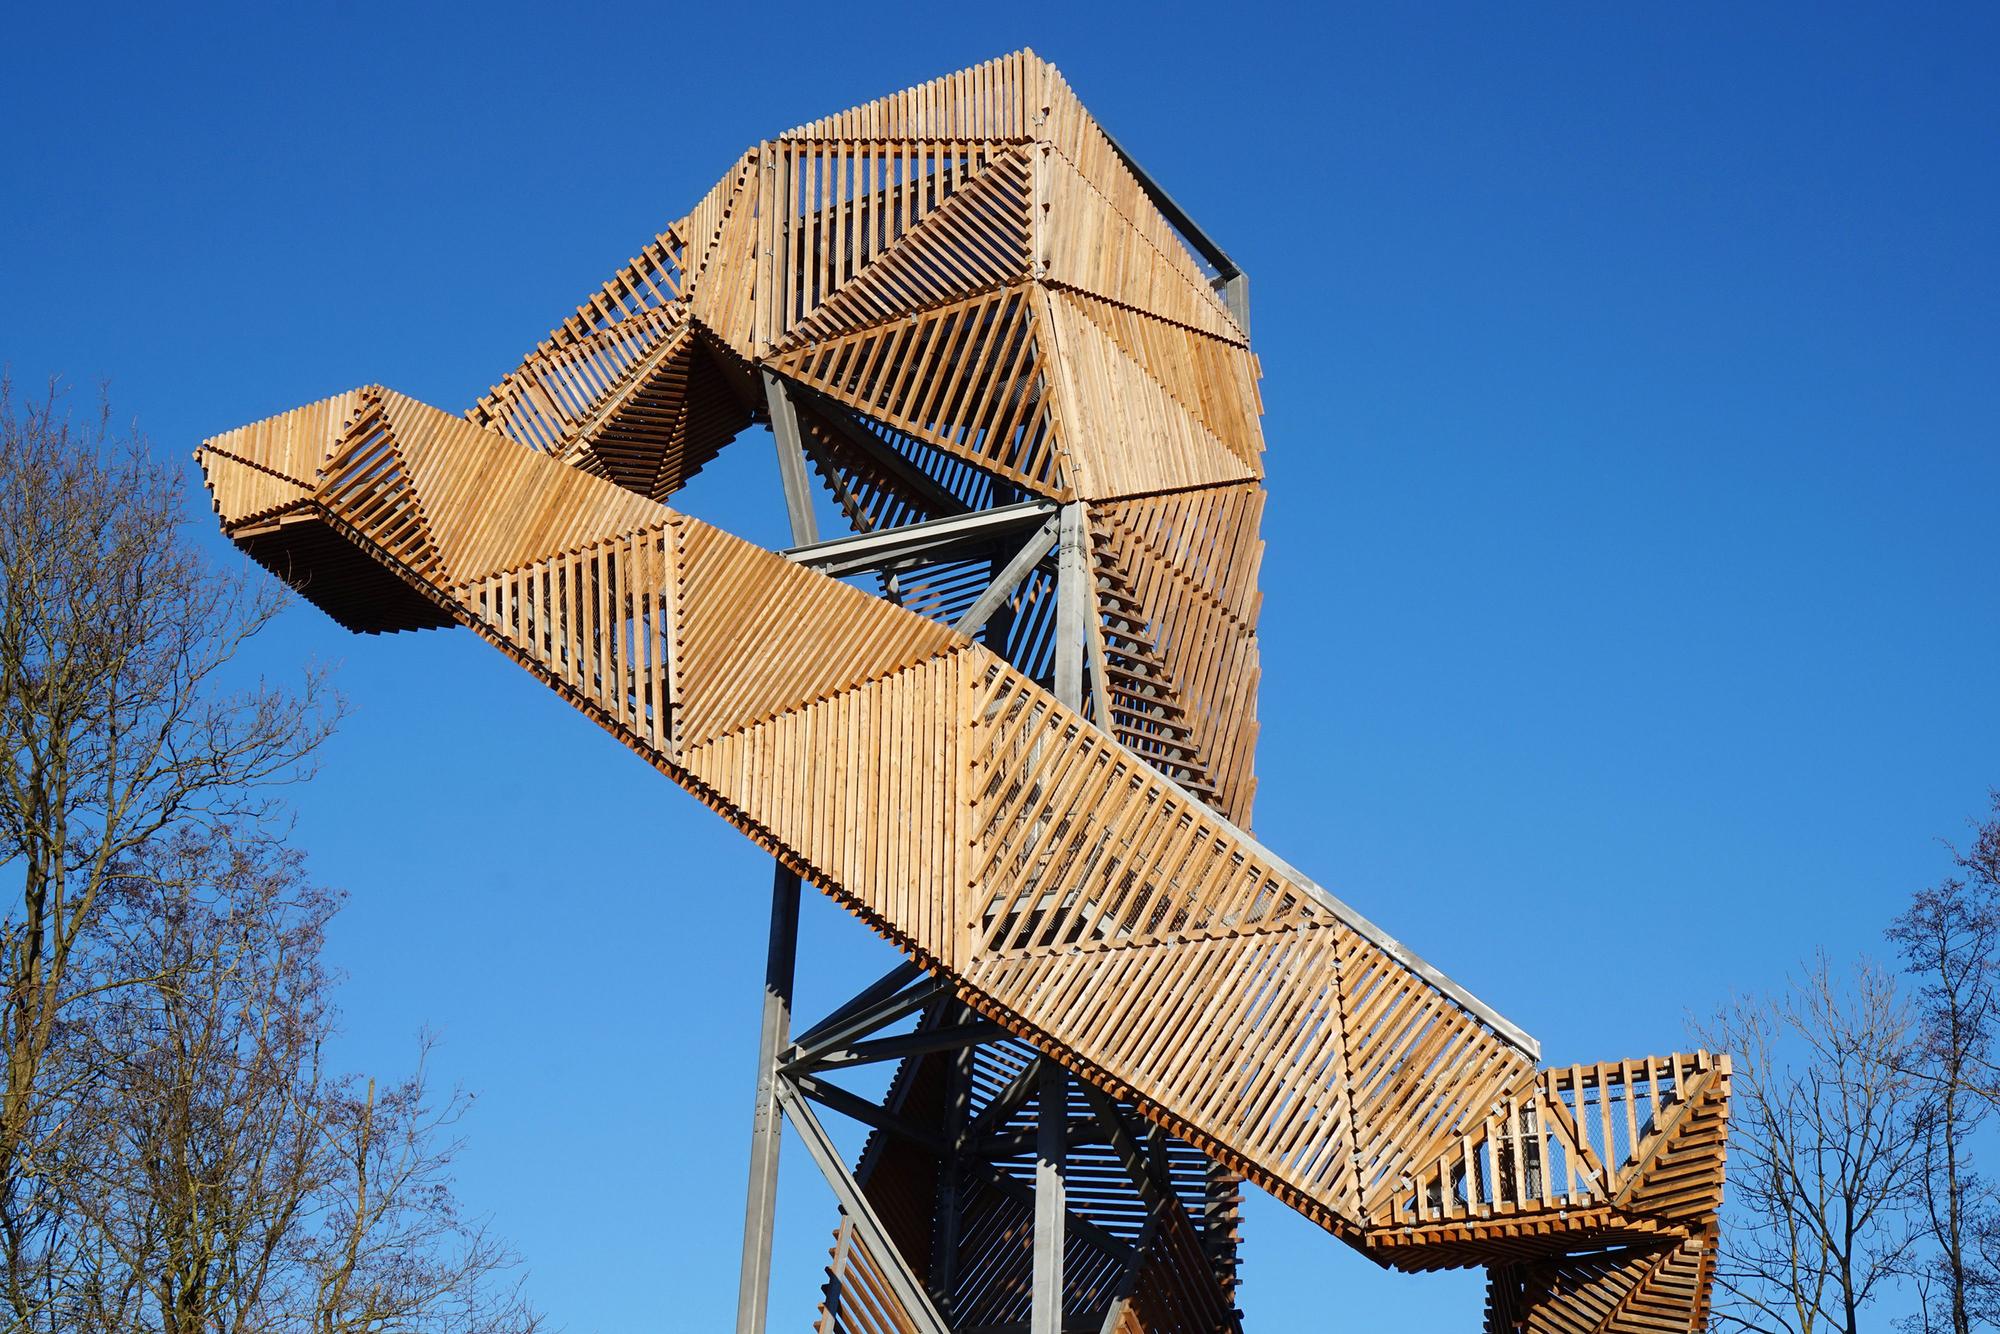 Detalles constructivos en madera y acero para una for Estructura arquitectura